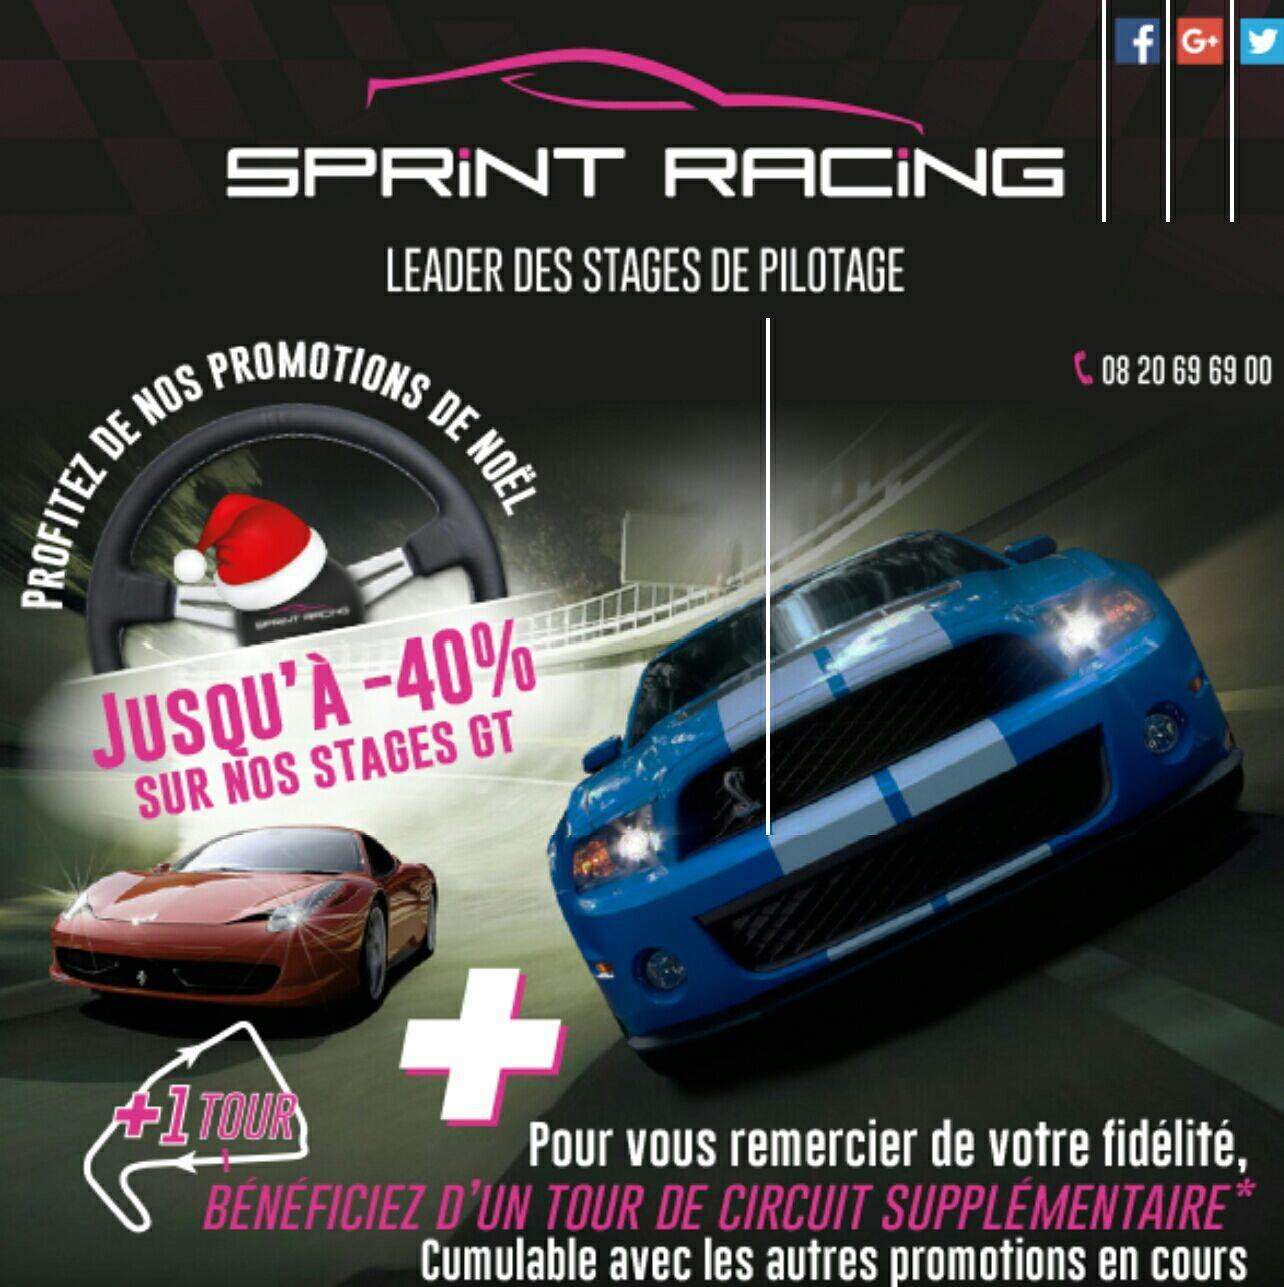 40% de réduction + 1 Tour de circuit supplémentaire offert - Ex : 4 Tours de Nissan GTR sur le circuit de Trappes